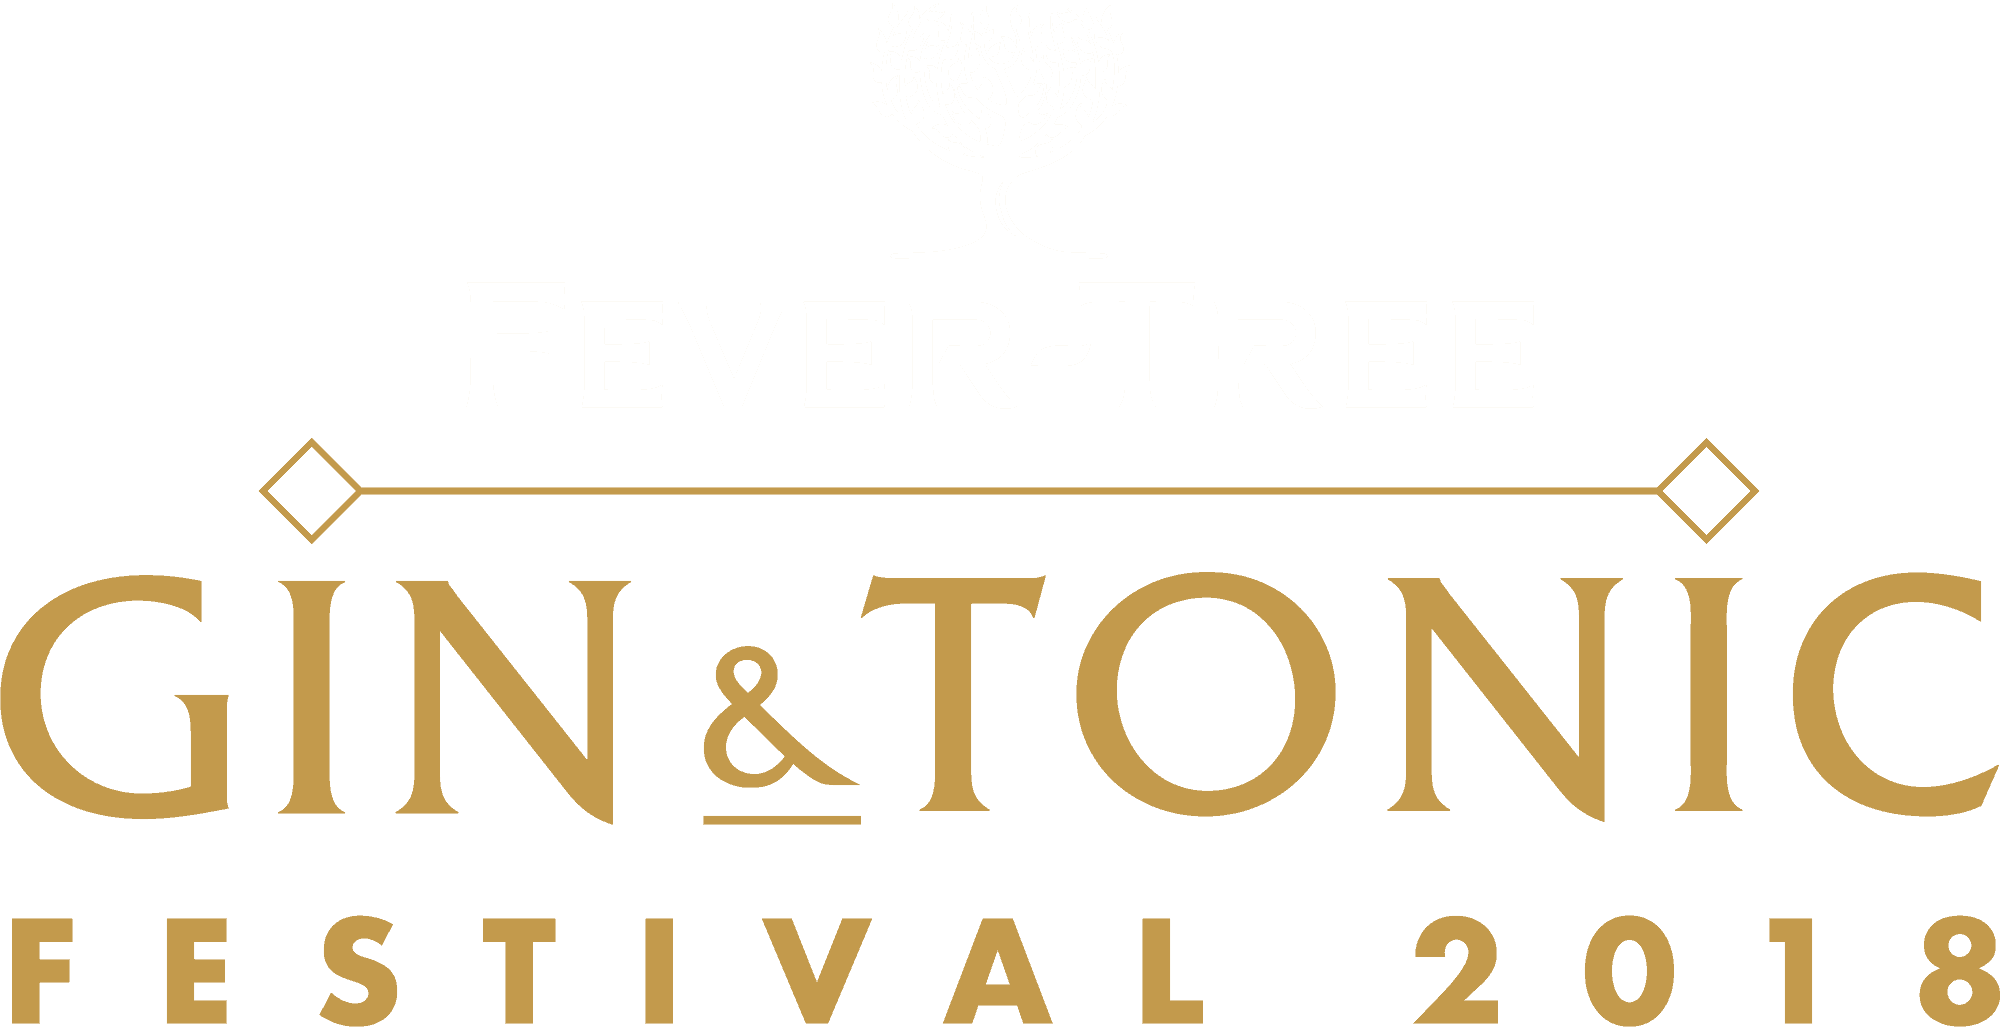 Fever-Tree Gin & Tonic Festival